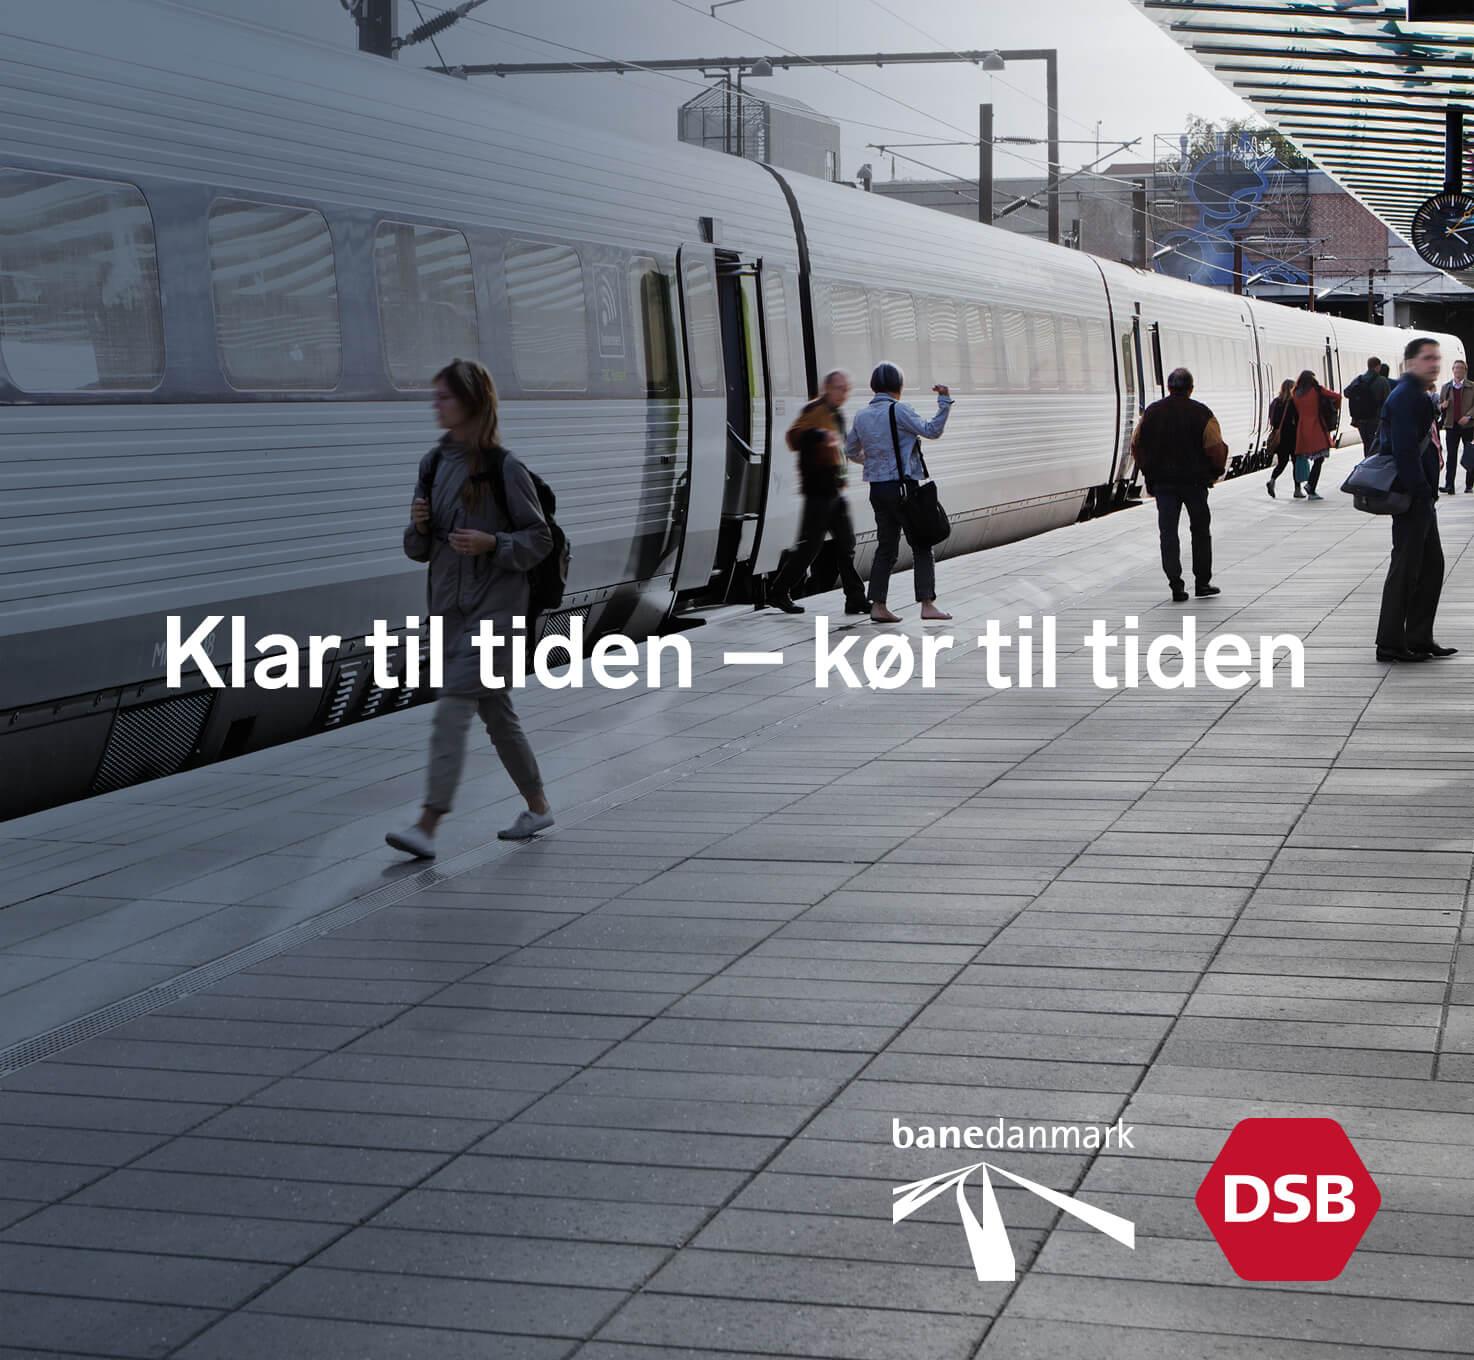 DSB og Banedanmark – design af kampagnemateriale